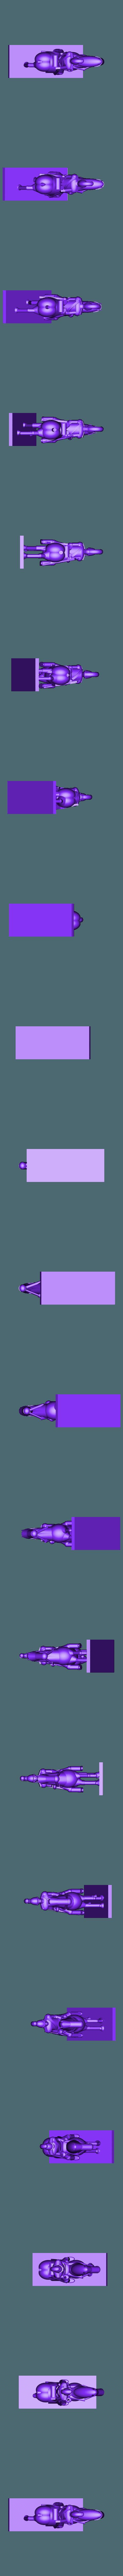 chev_l_2.stl Télécharger fichier STL gratuit Napoléoniens - 2ème partie - Français / Alliés Cavalerie • Plan imprimable en 3D, Earsling